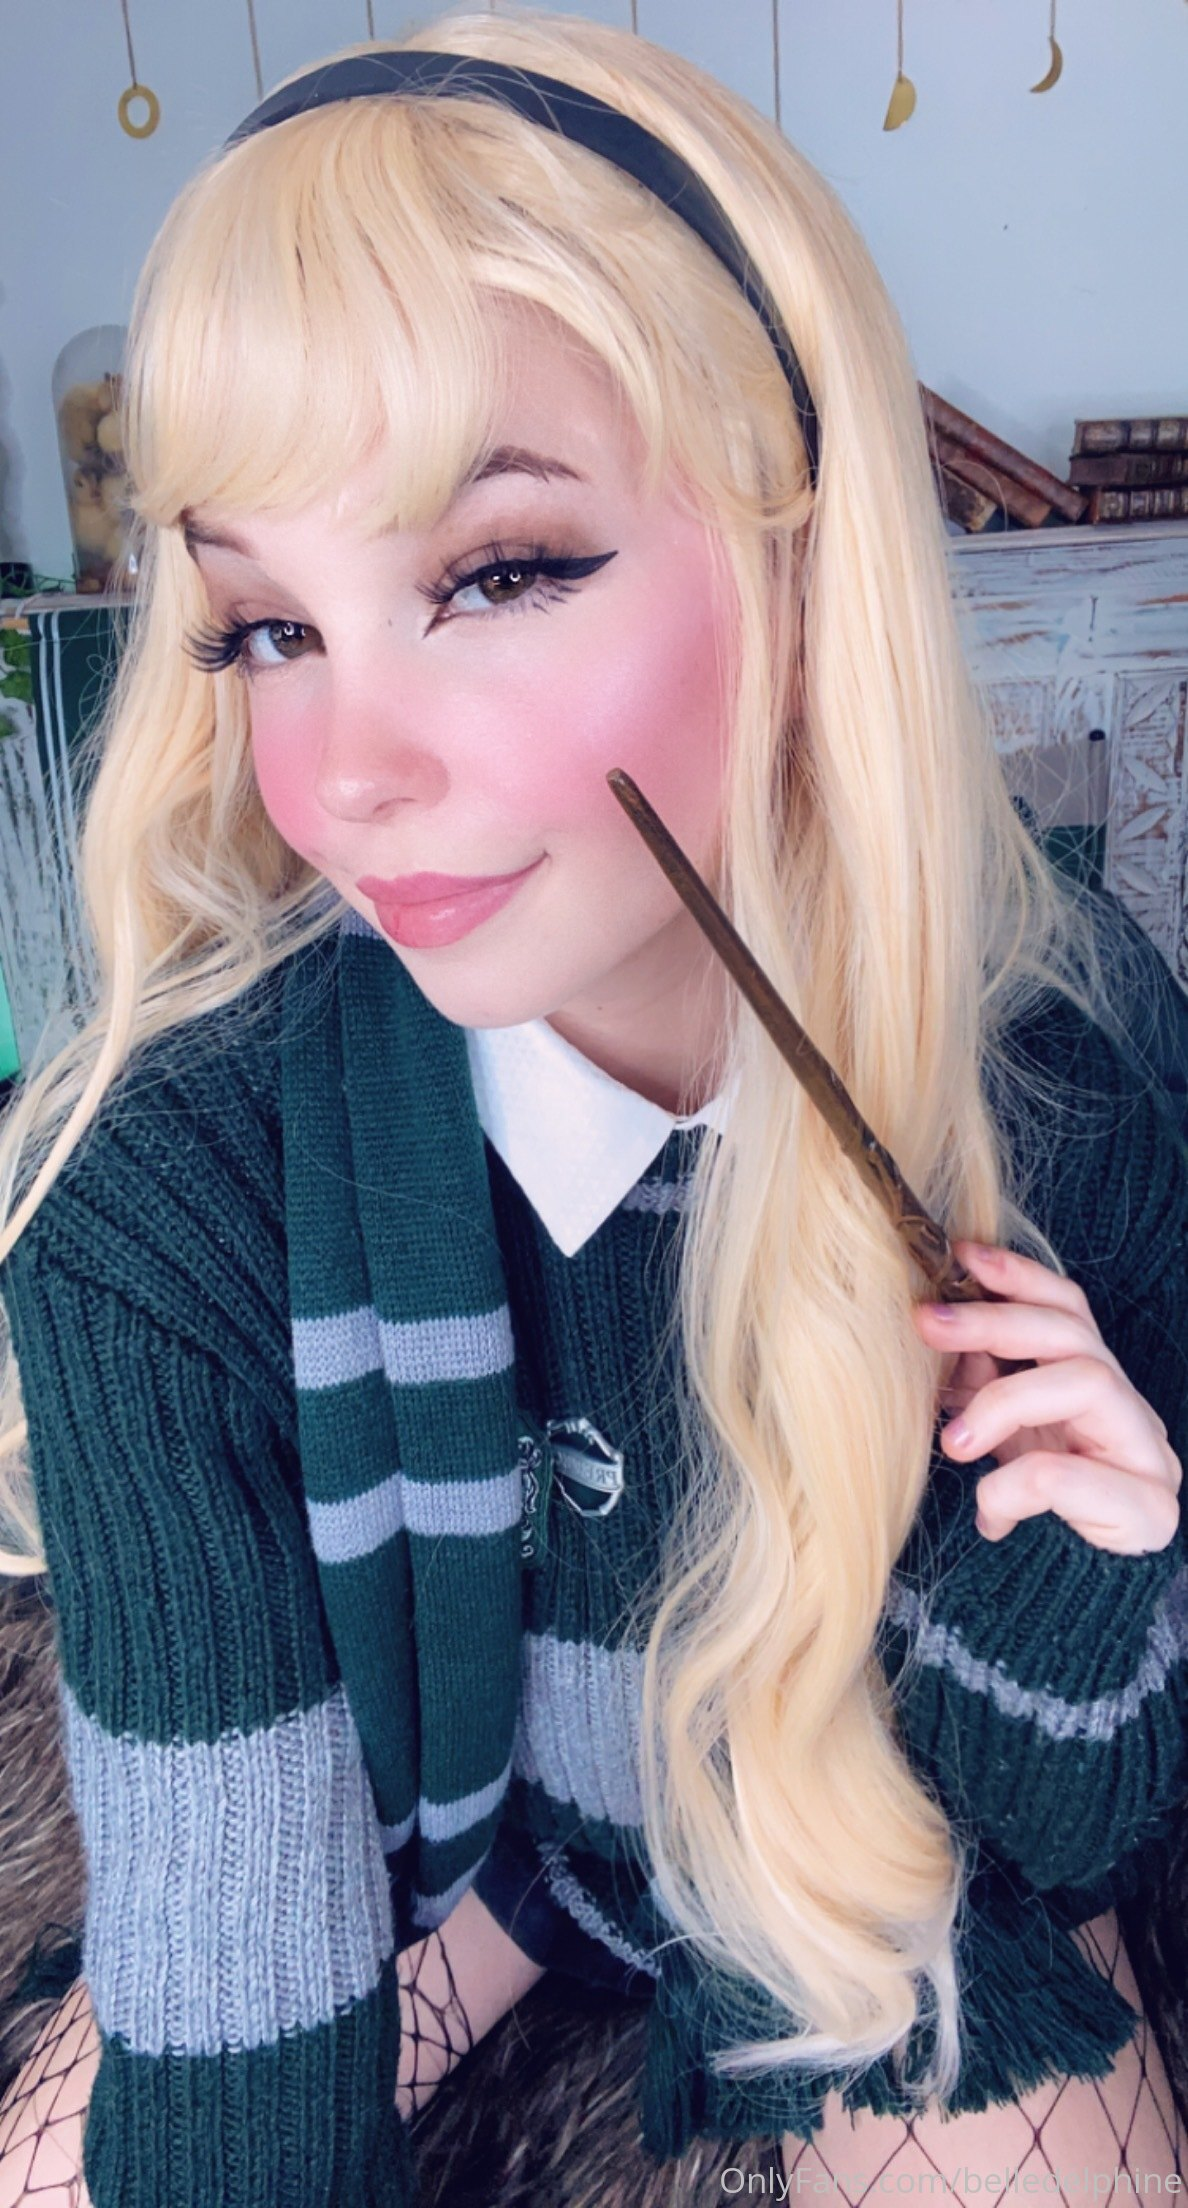 Belle Delphine Hogwarts Student Set 0036